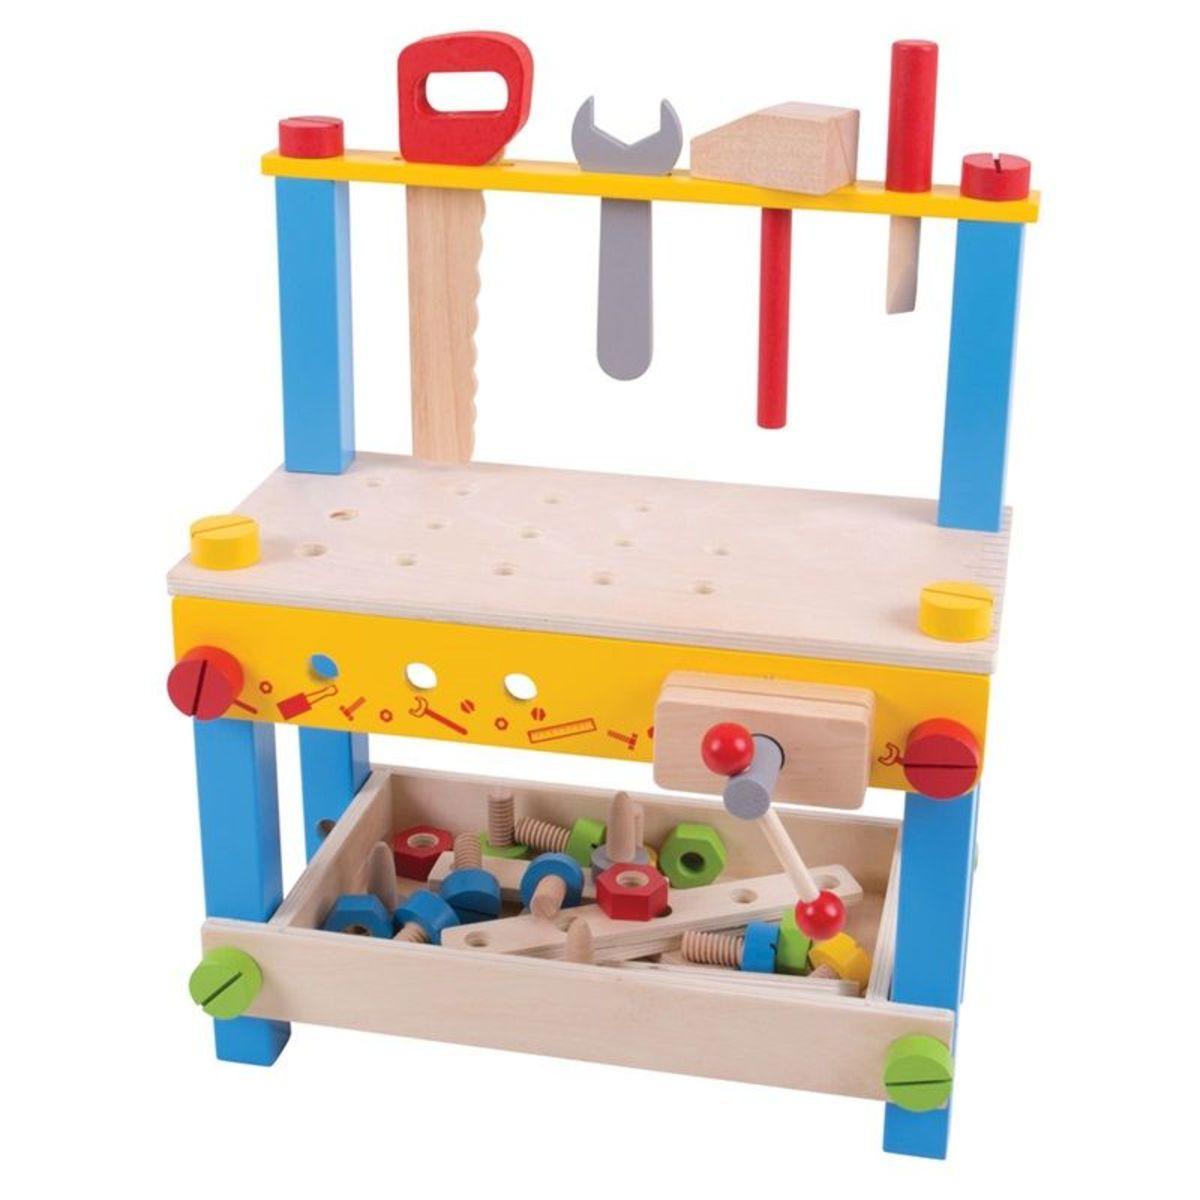 Dětská pracovní dílna s nářadím Wooden workshop set